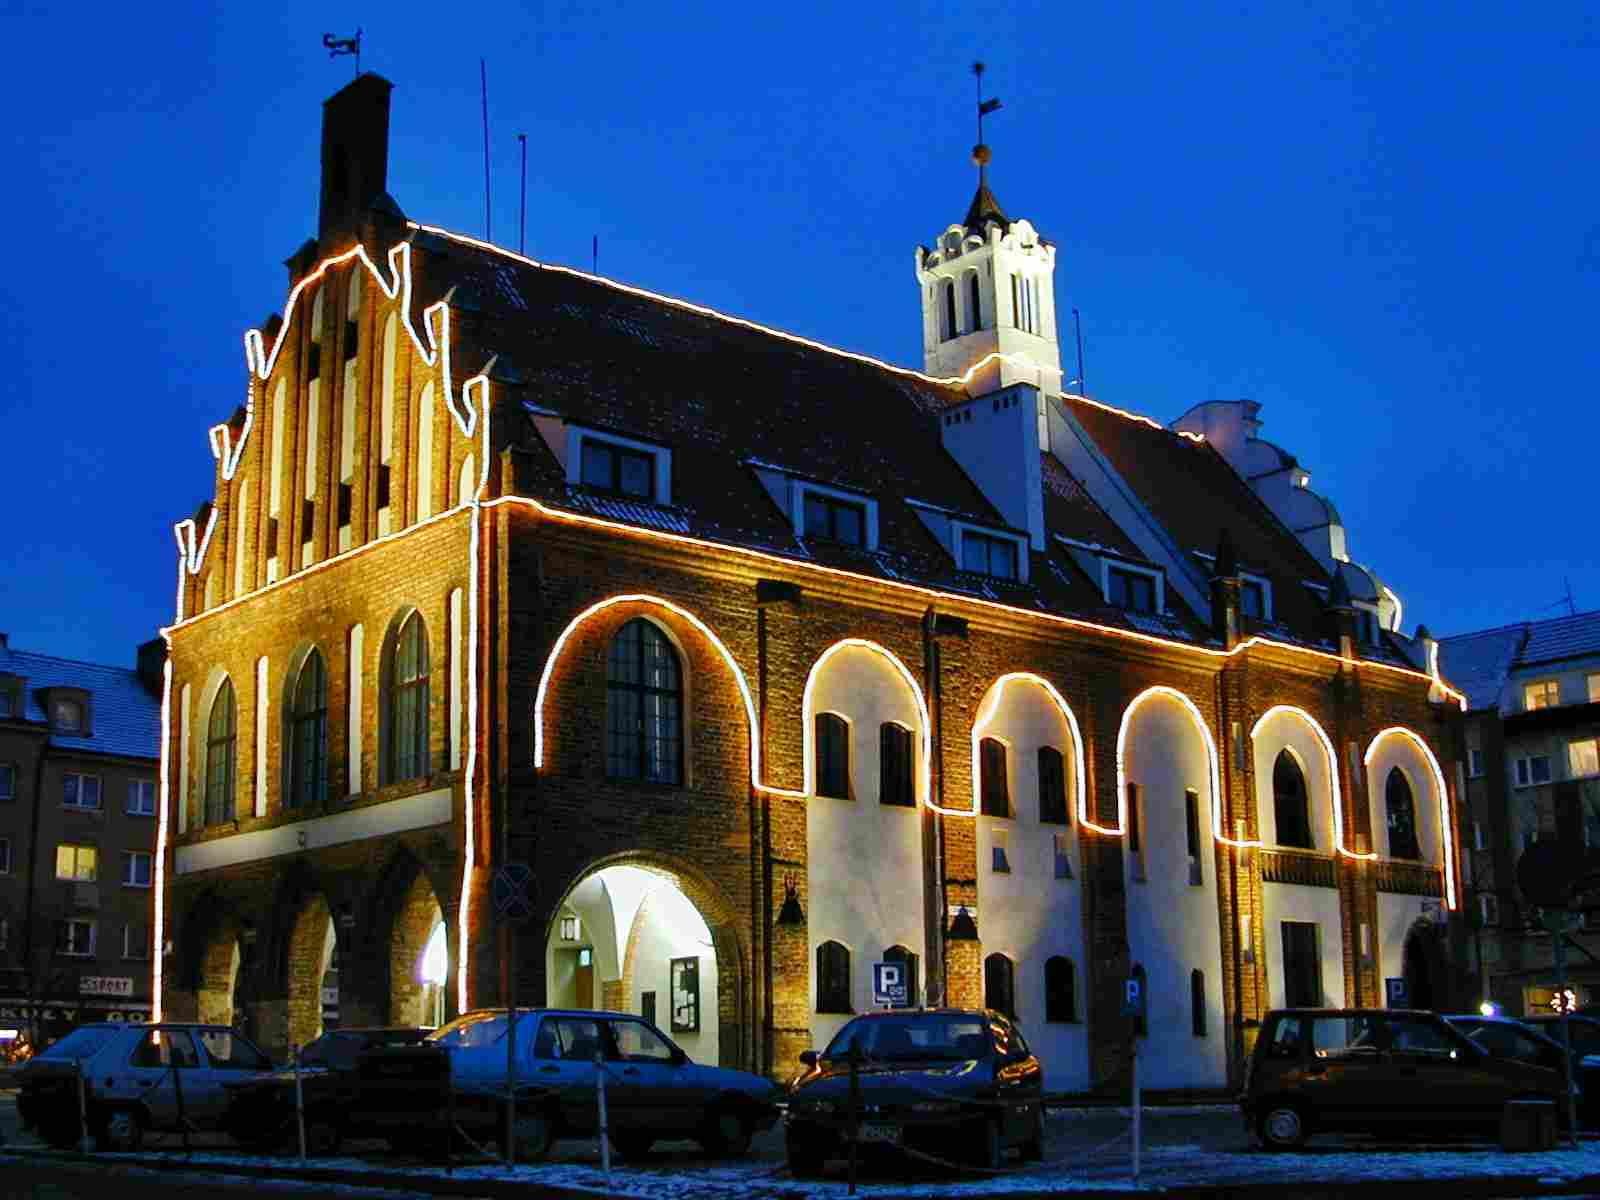 Rathaus Kamien Pomorski bei Nacht